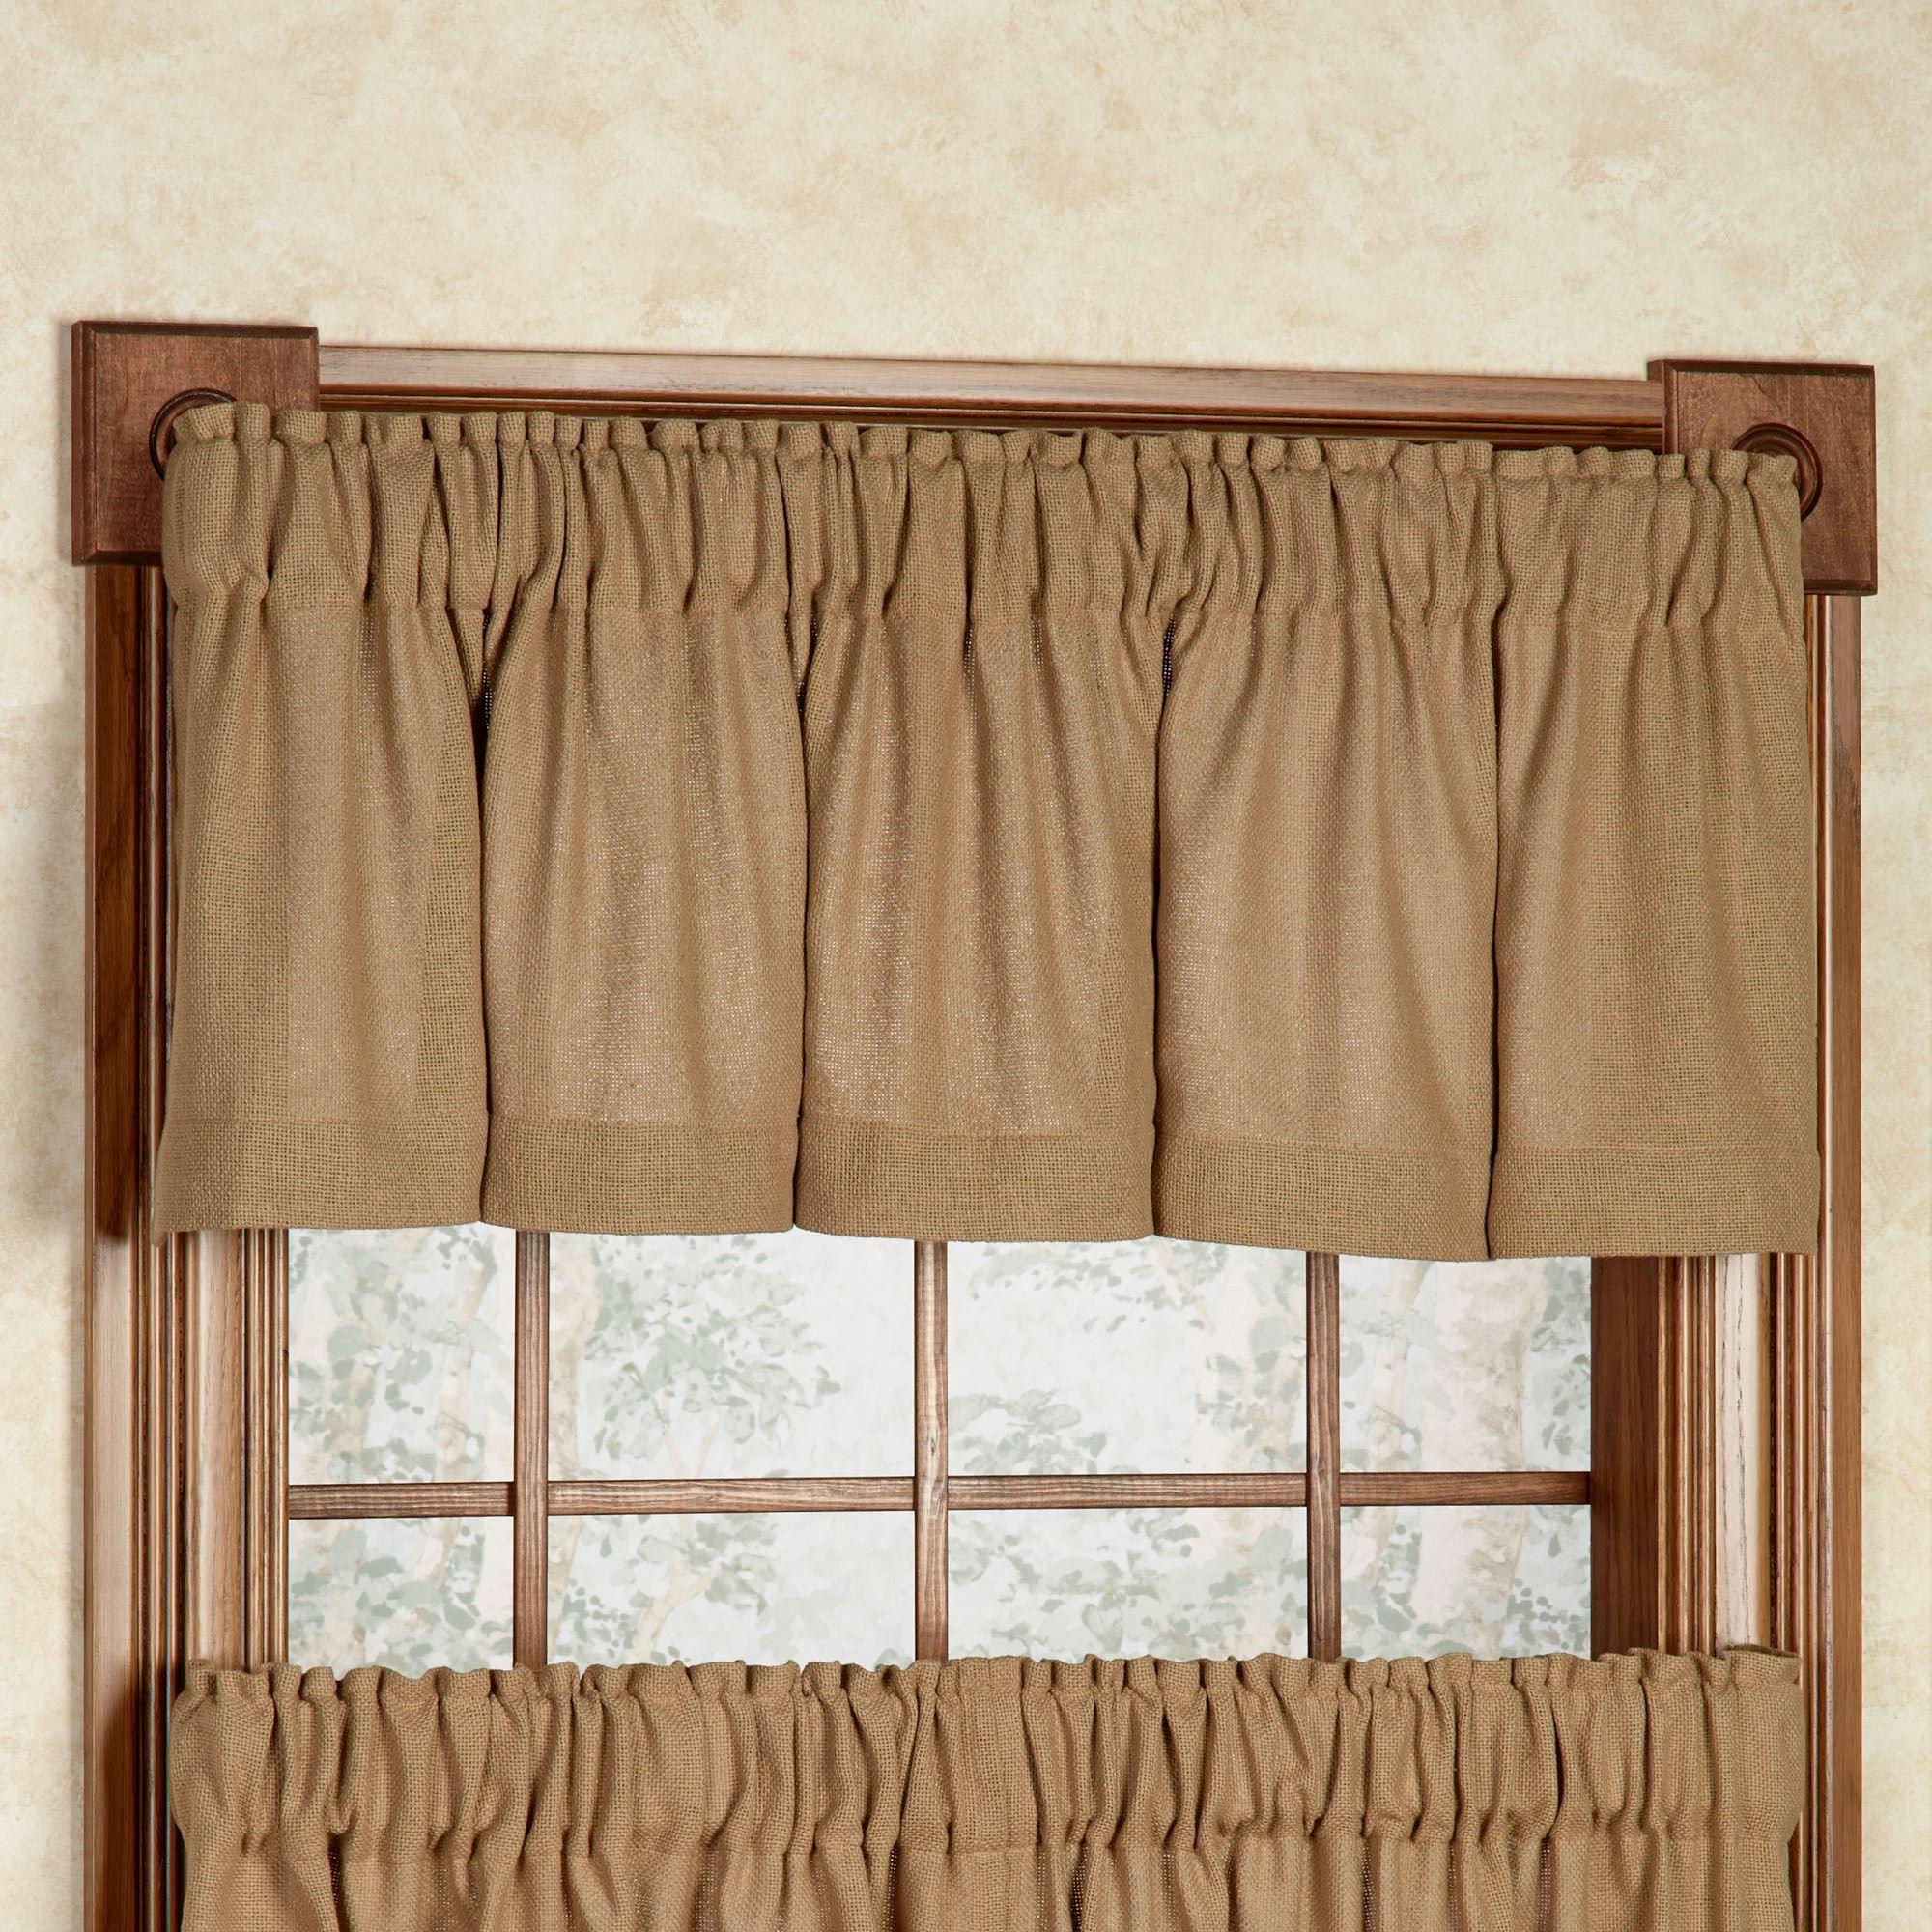 Burlap Soft Cotton Window Treatment